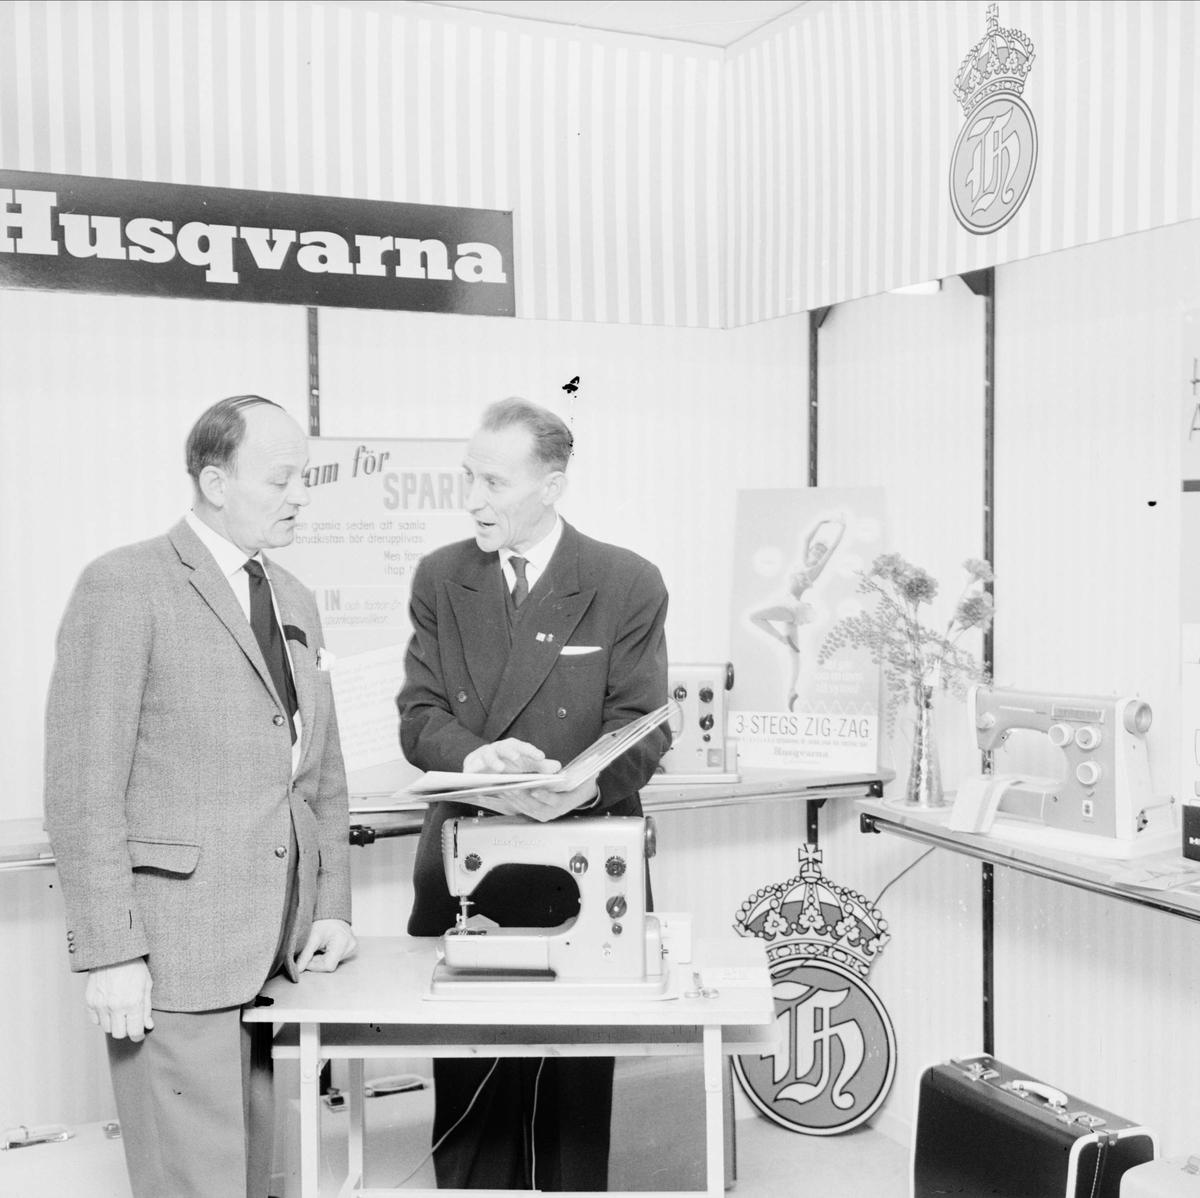 """""""Husqvarna - ny butik för hemapparater"""" - Uppsala, februari 1962"""